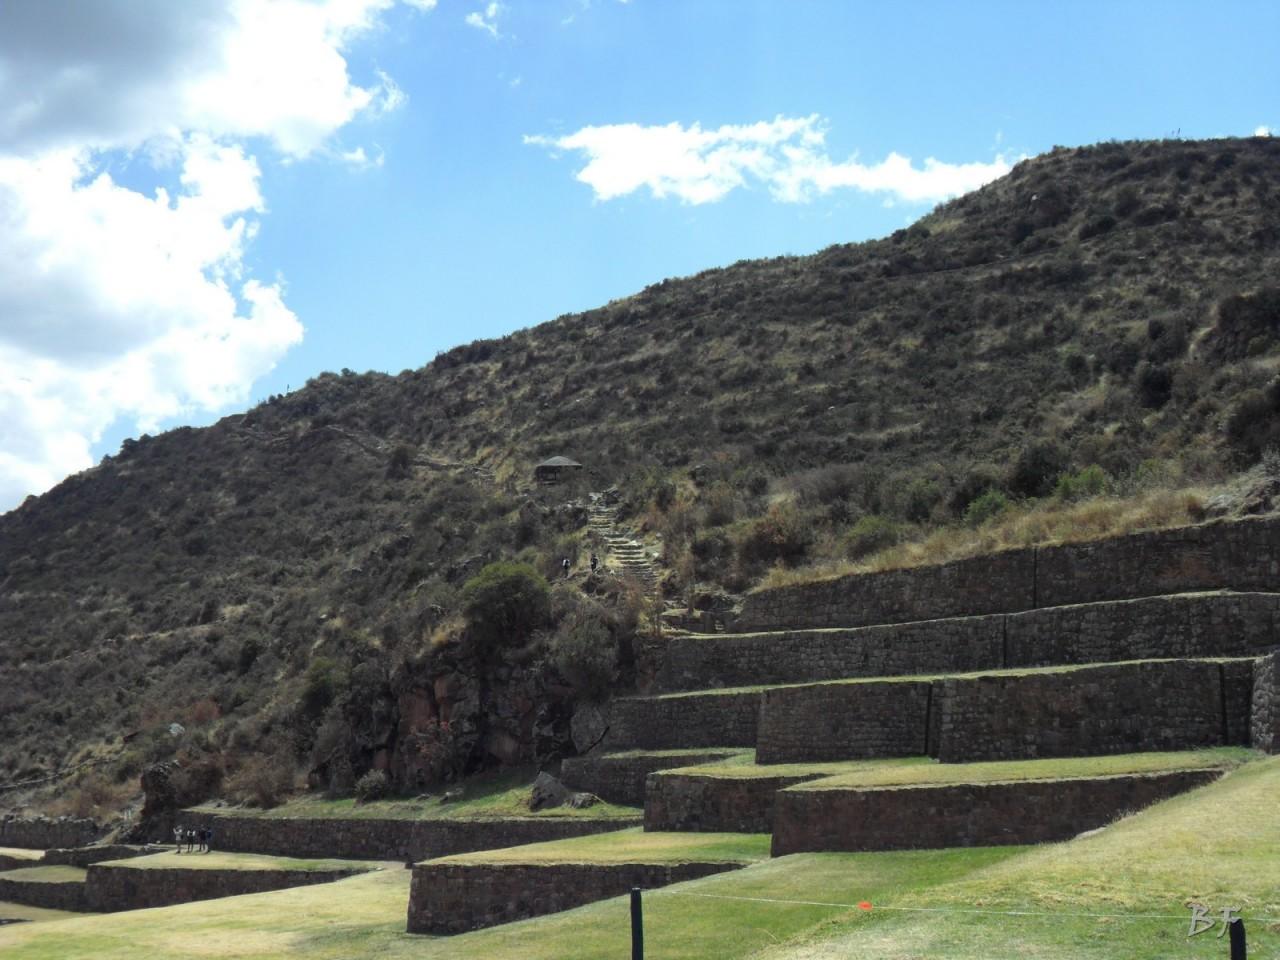 Mura-Poligonali-Megaliti-Tipon-Oropesa-Cusco-Perù-37